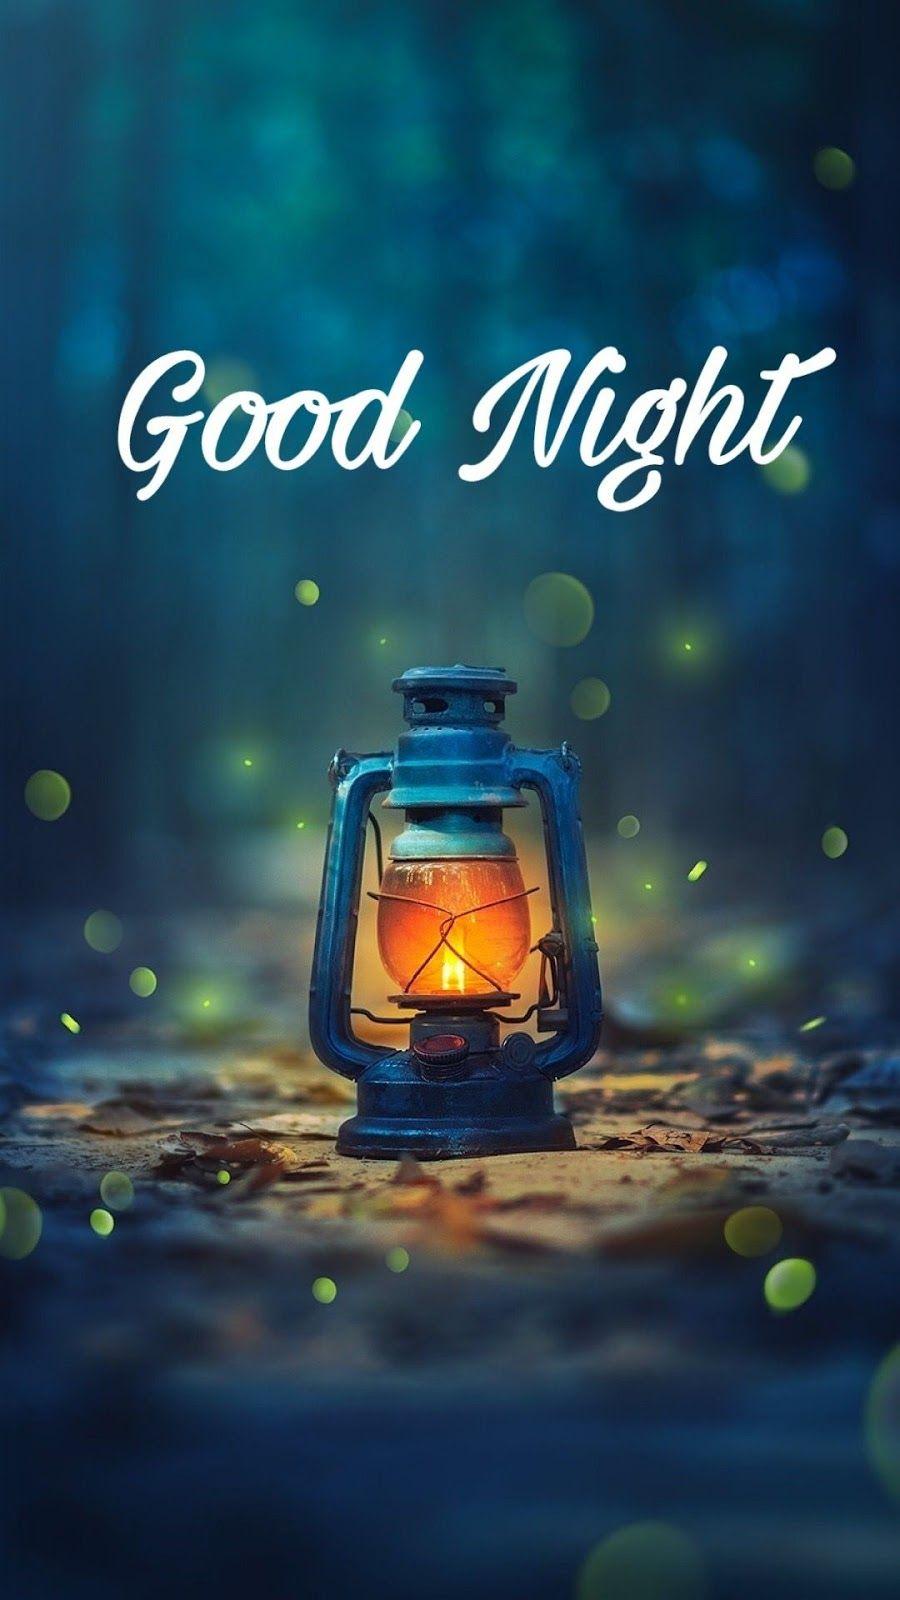 Https 1 Bp Blogspot Com Maxnt5xtqvo Xcrfv5bgx1i Aaaaaaaaeiu Digokbgz0scwgvxsddcqs96of9qxix Good Night Love Images Good Night Images Hd New Good Night Images